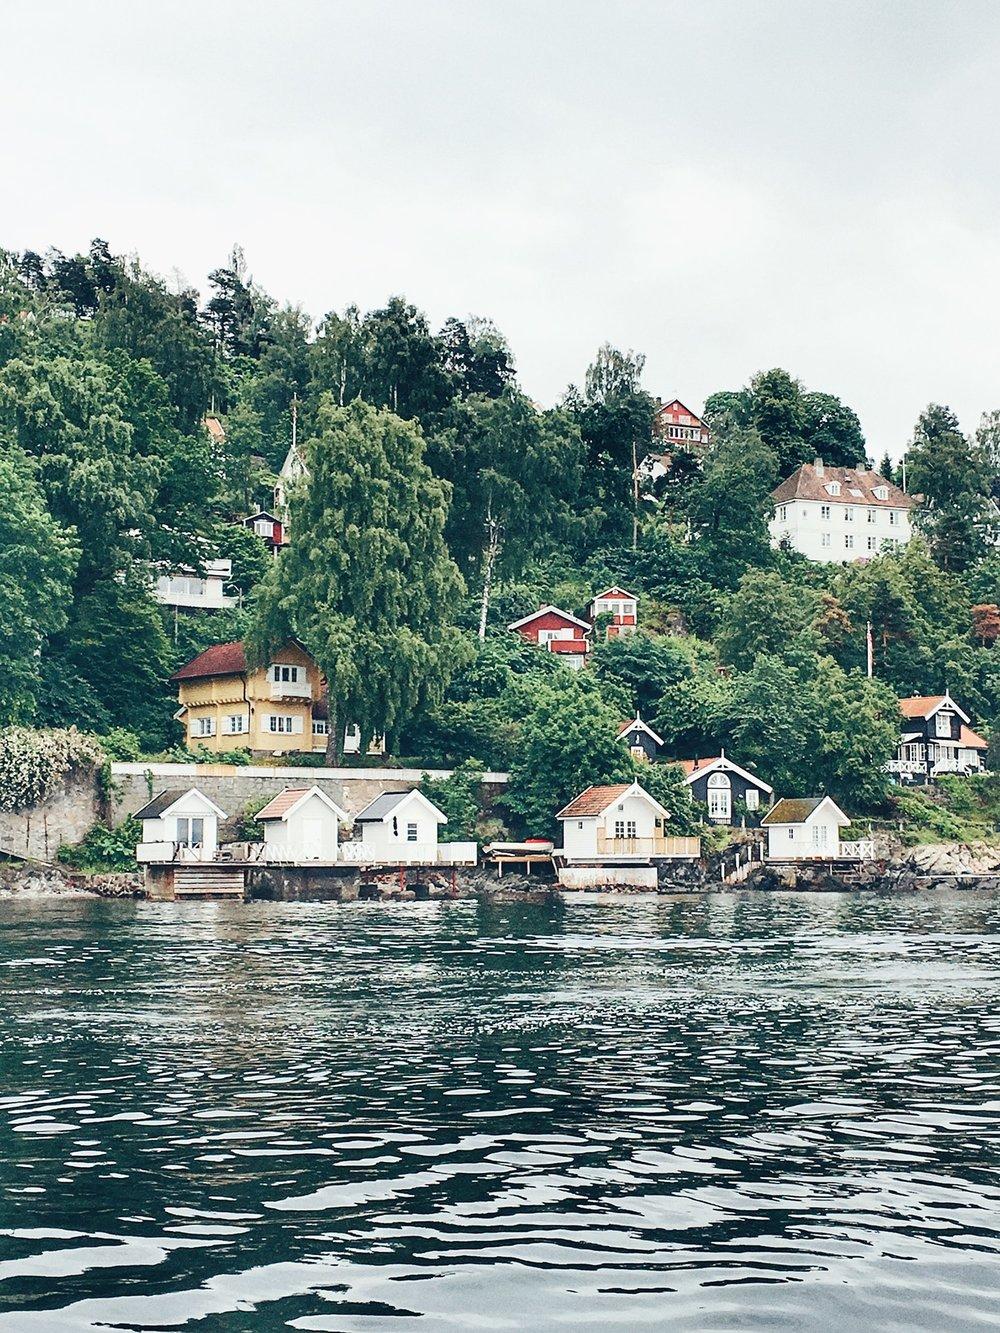 Oslo Fjords (Oslo, Norway)